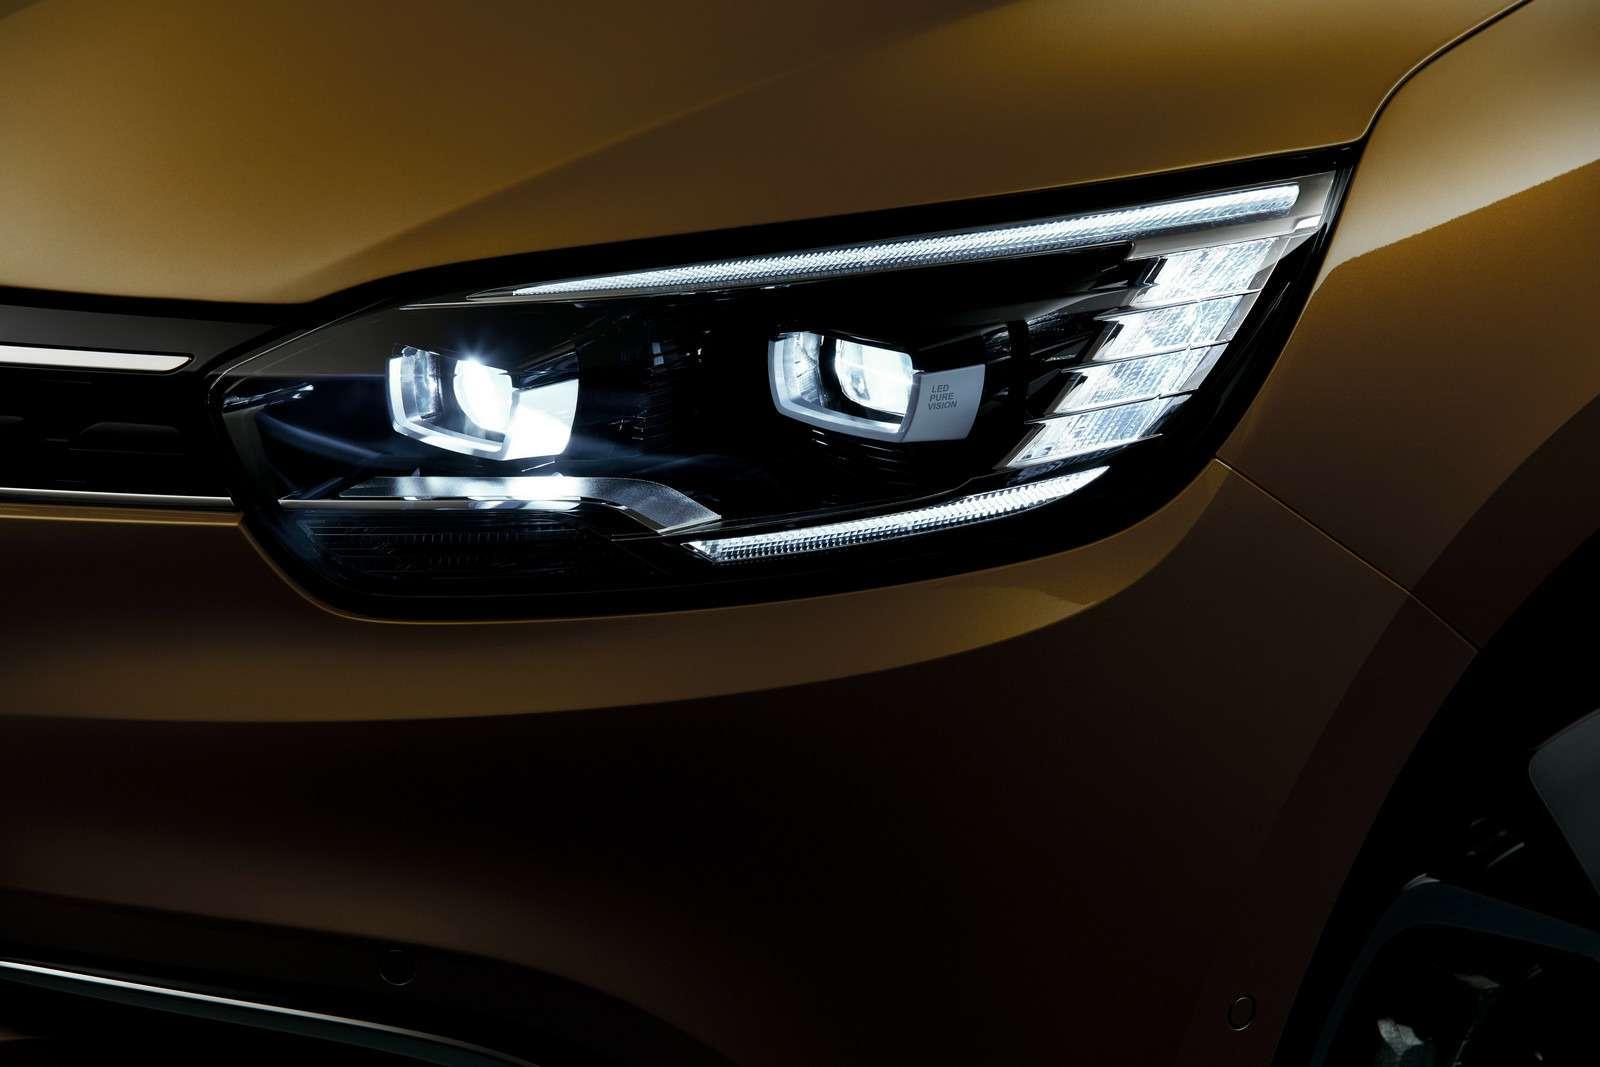 Renault_75995_global_en